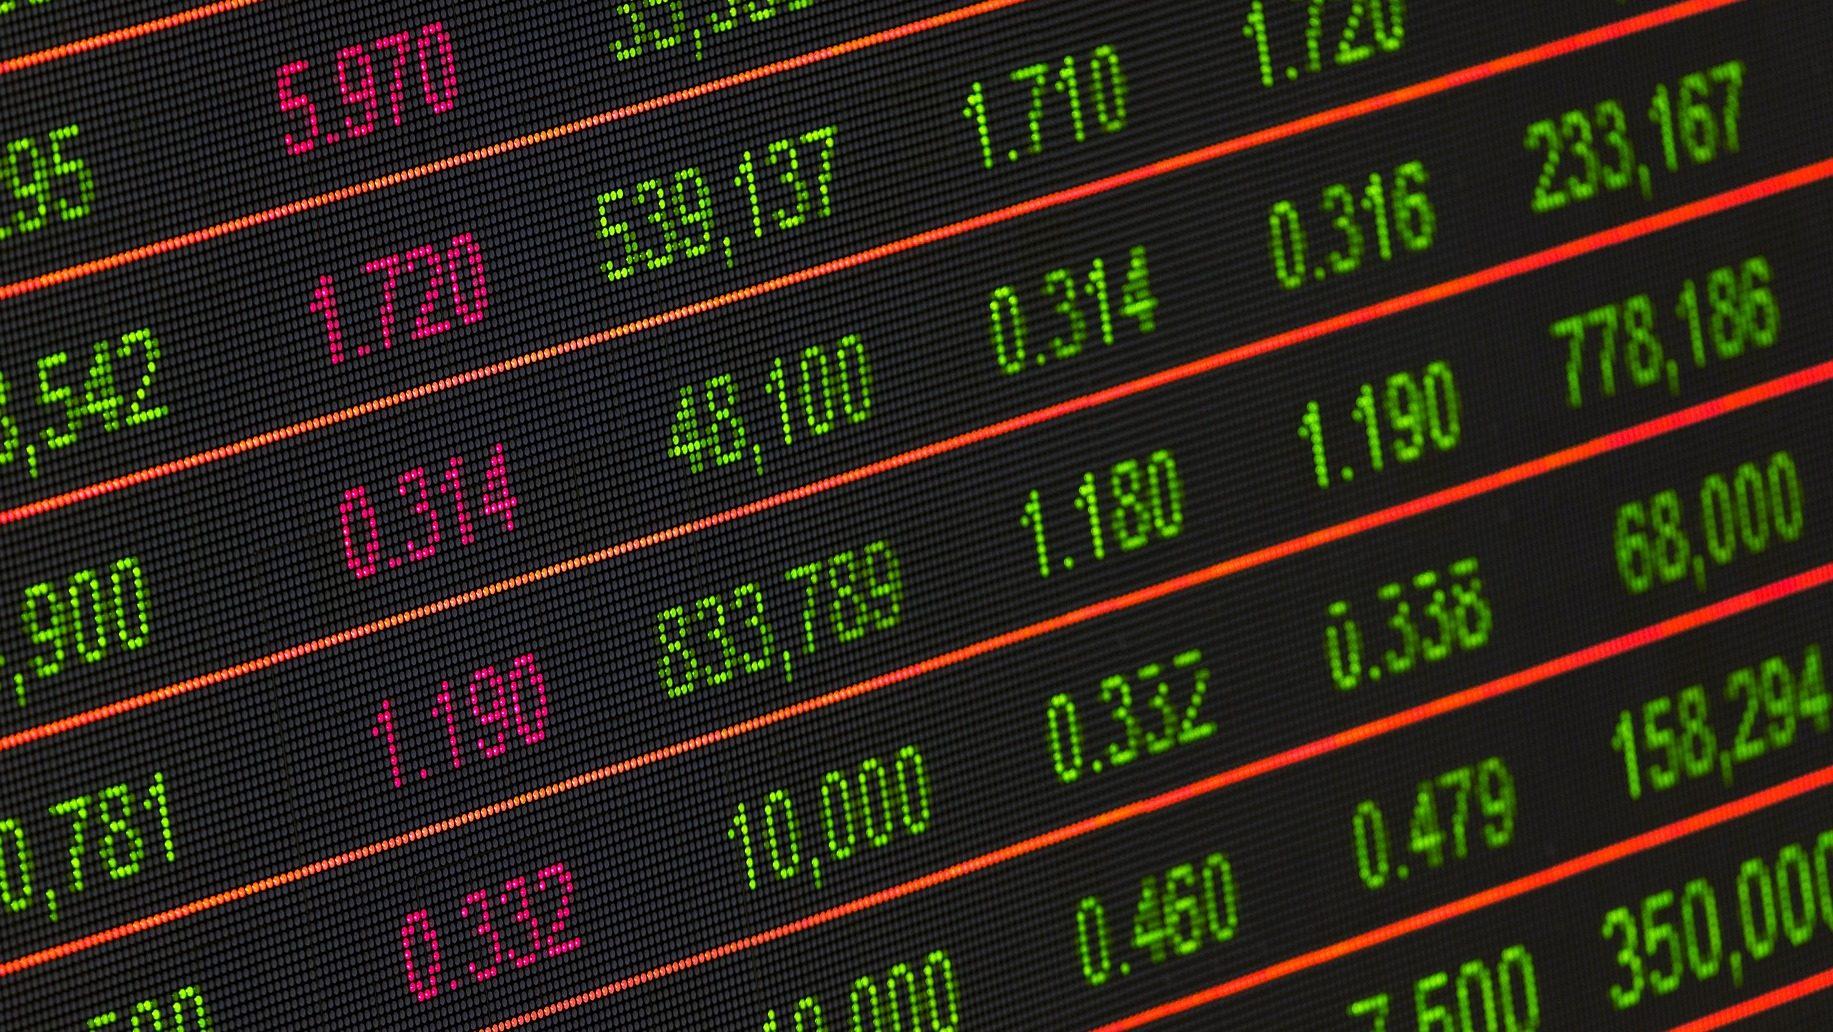 למרות התנודתיות: מנהלי ההשקעות בקרנות הפנסיה הגדילו את החשיפה למניות בתחילת השנה